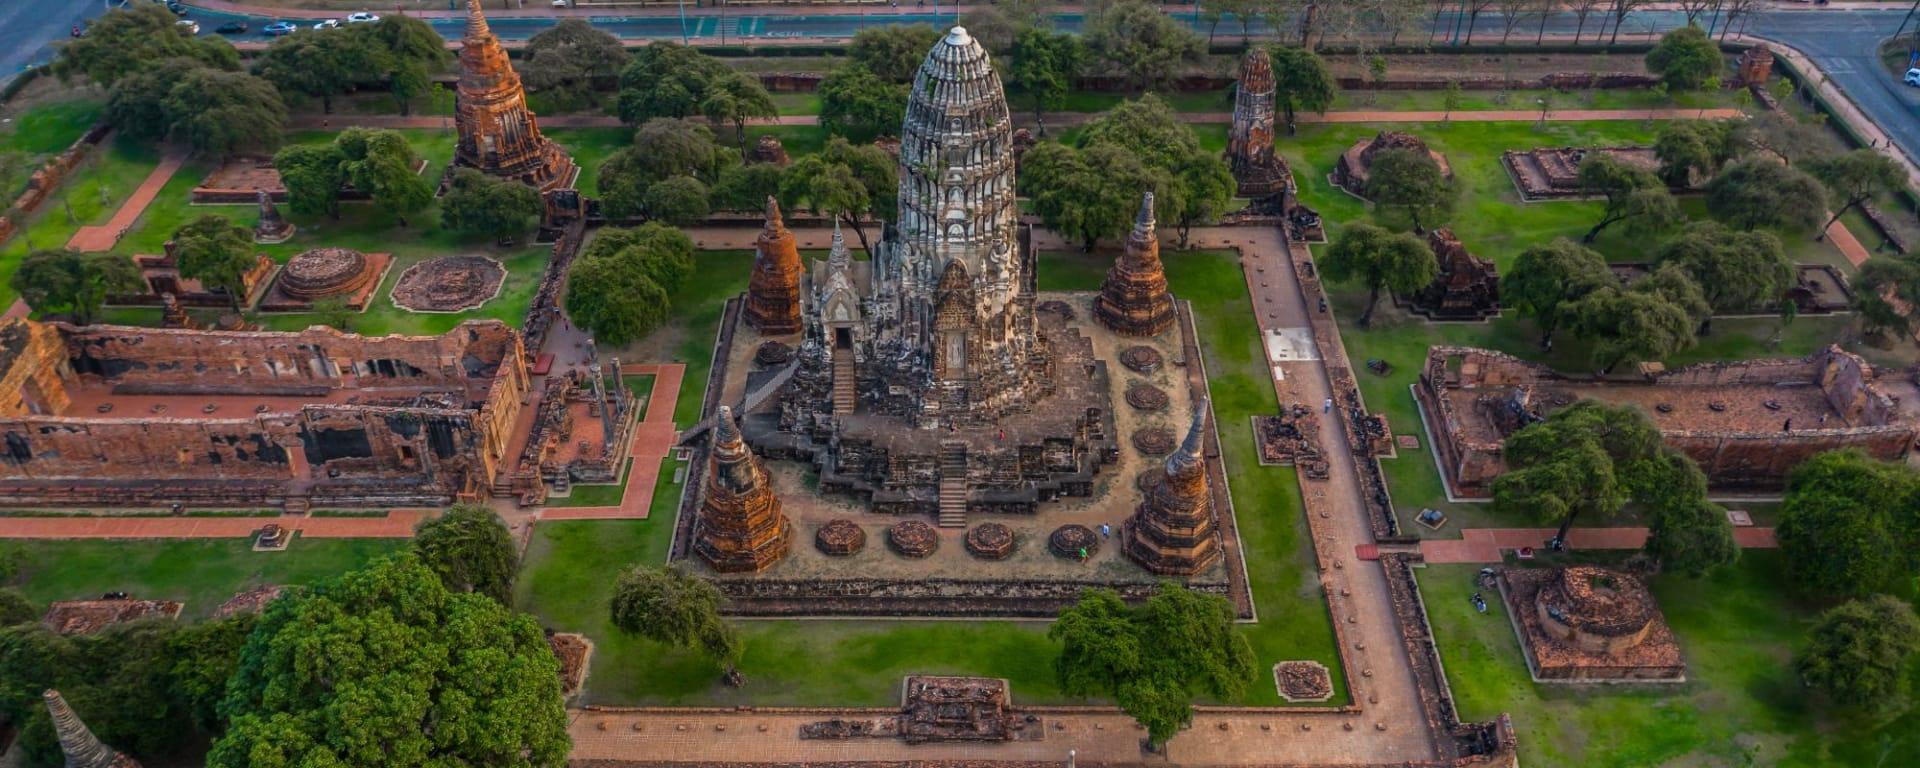 Thailand für Geniesser ab Bangkok: Ayutthaya Historical Park view from above